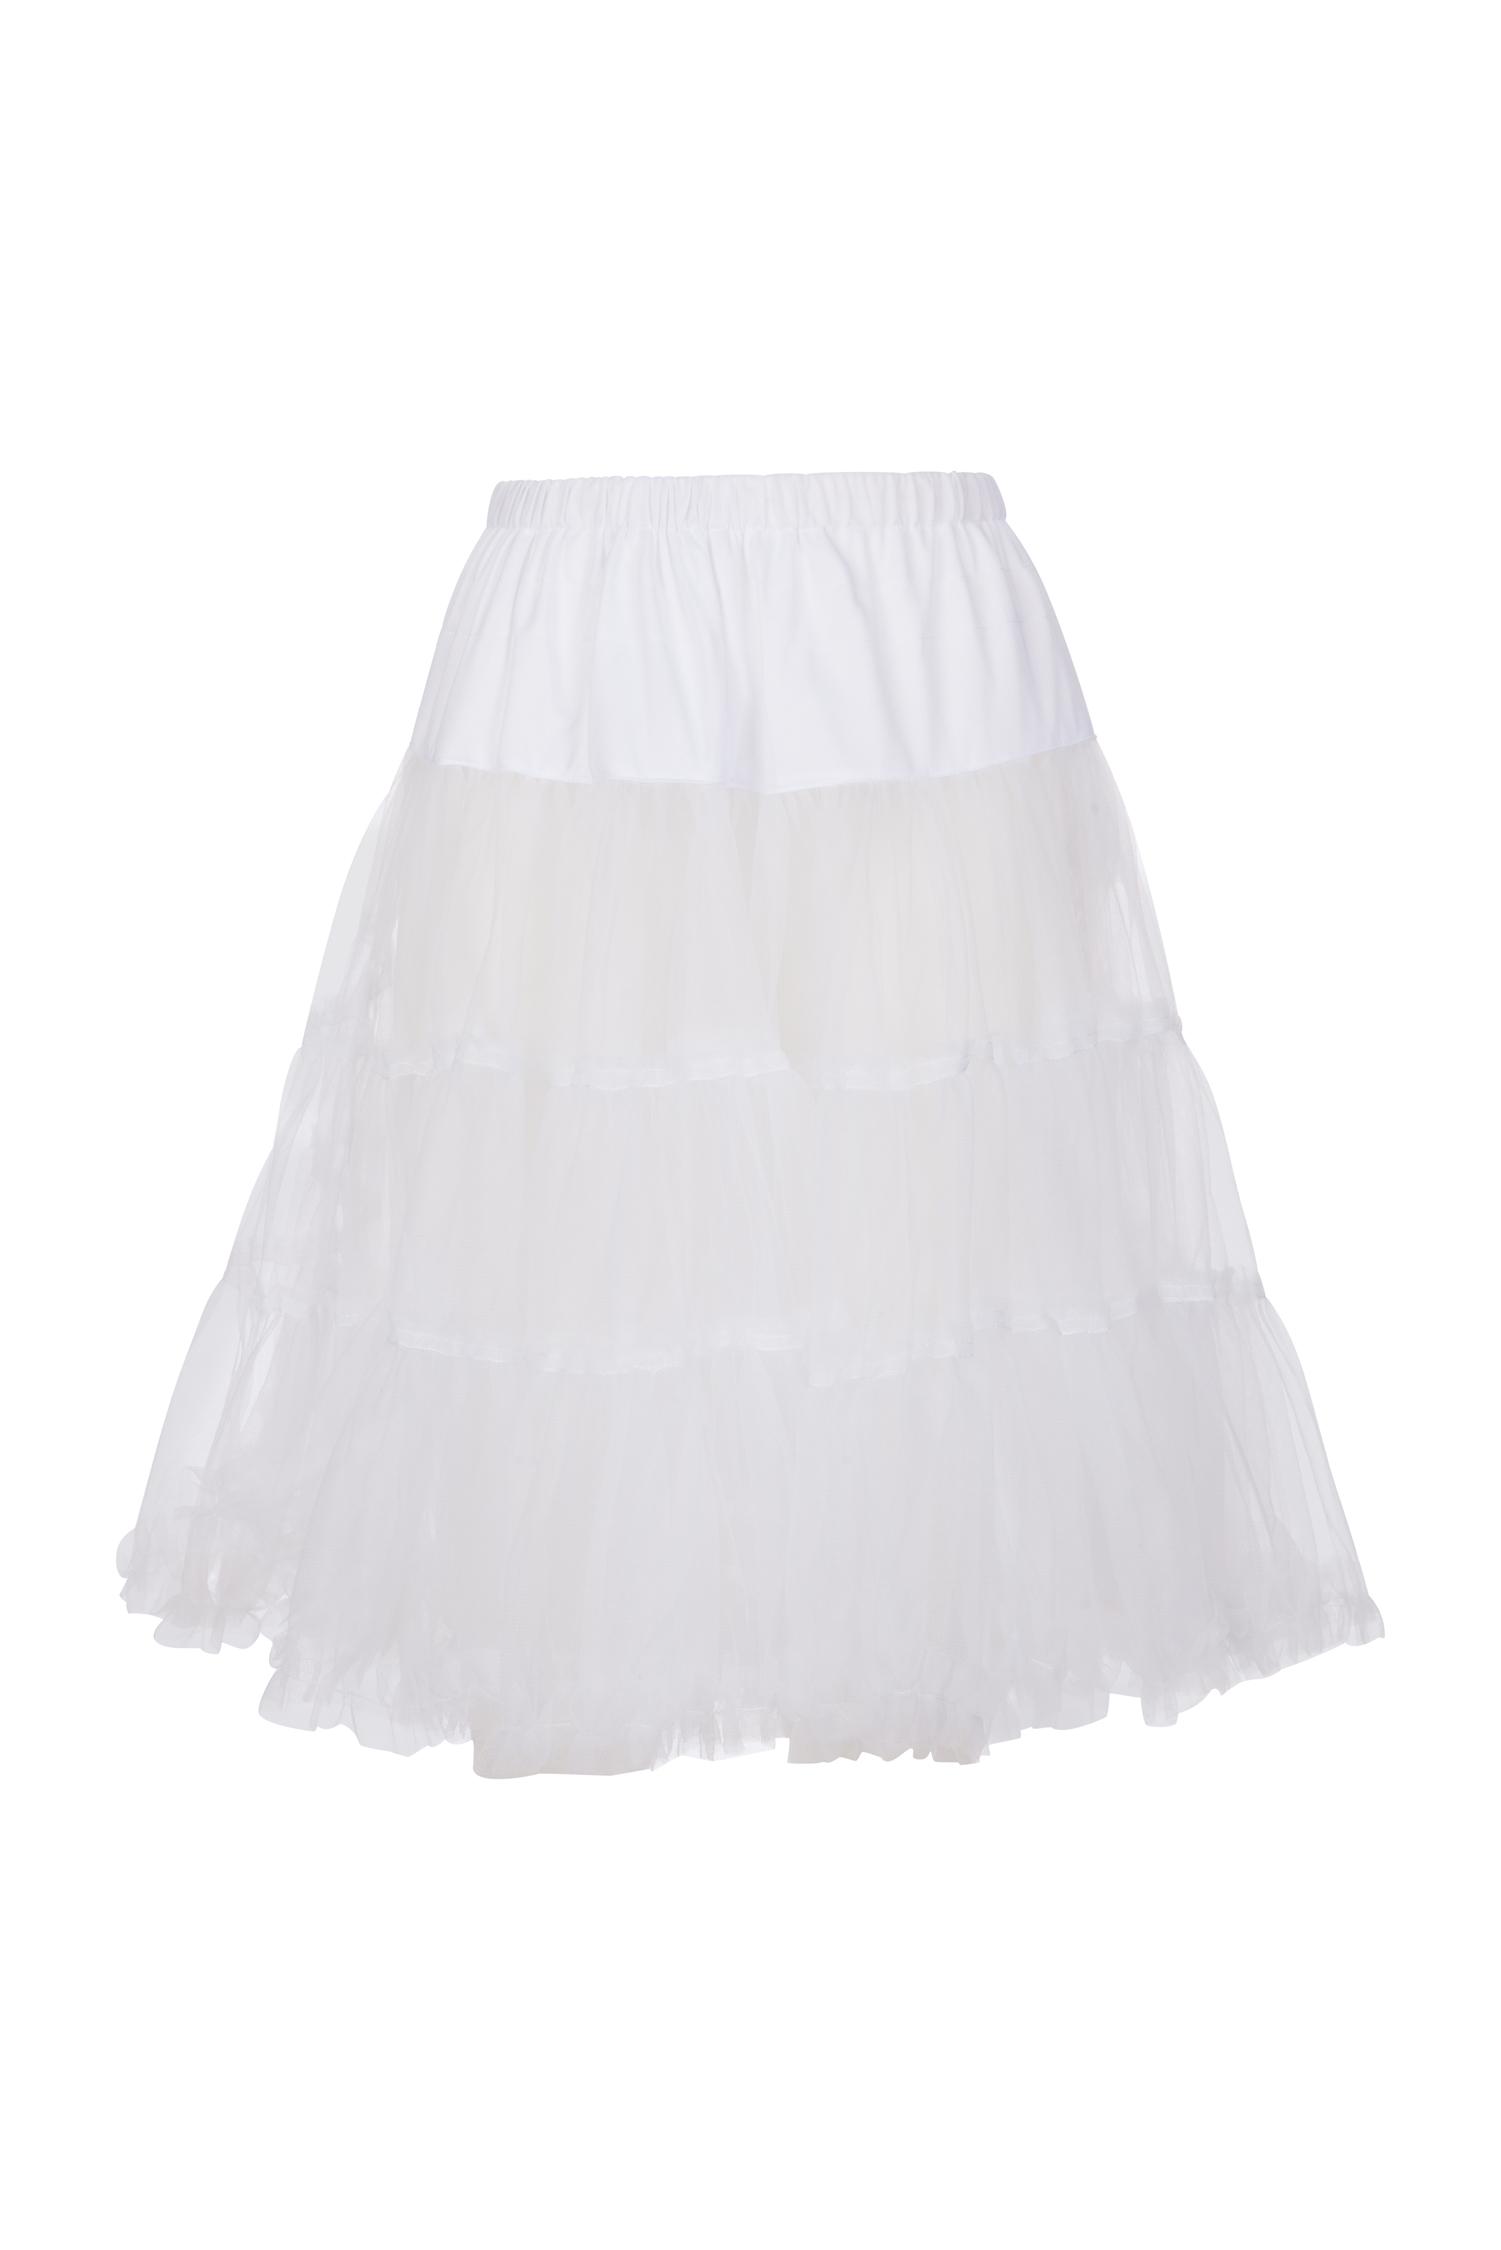 Petticoat 60cm * | weiß